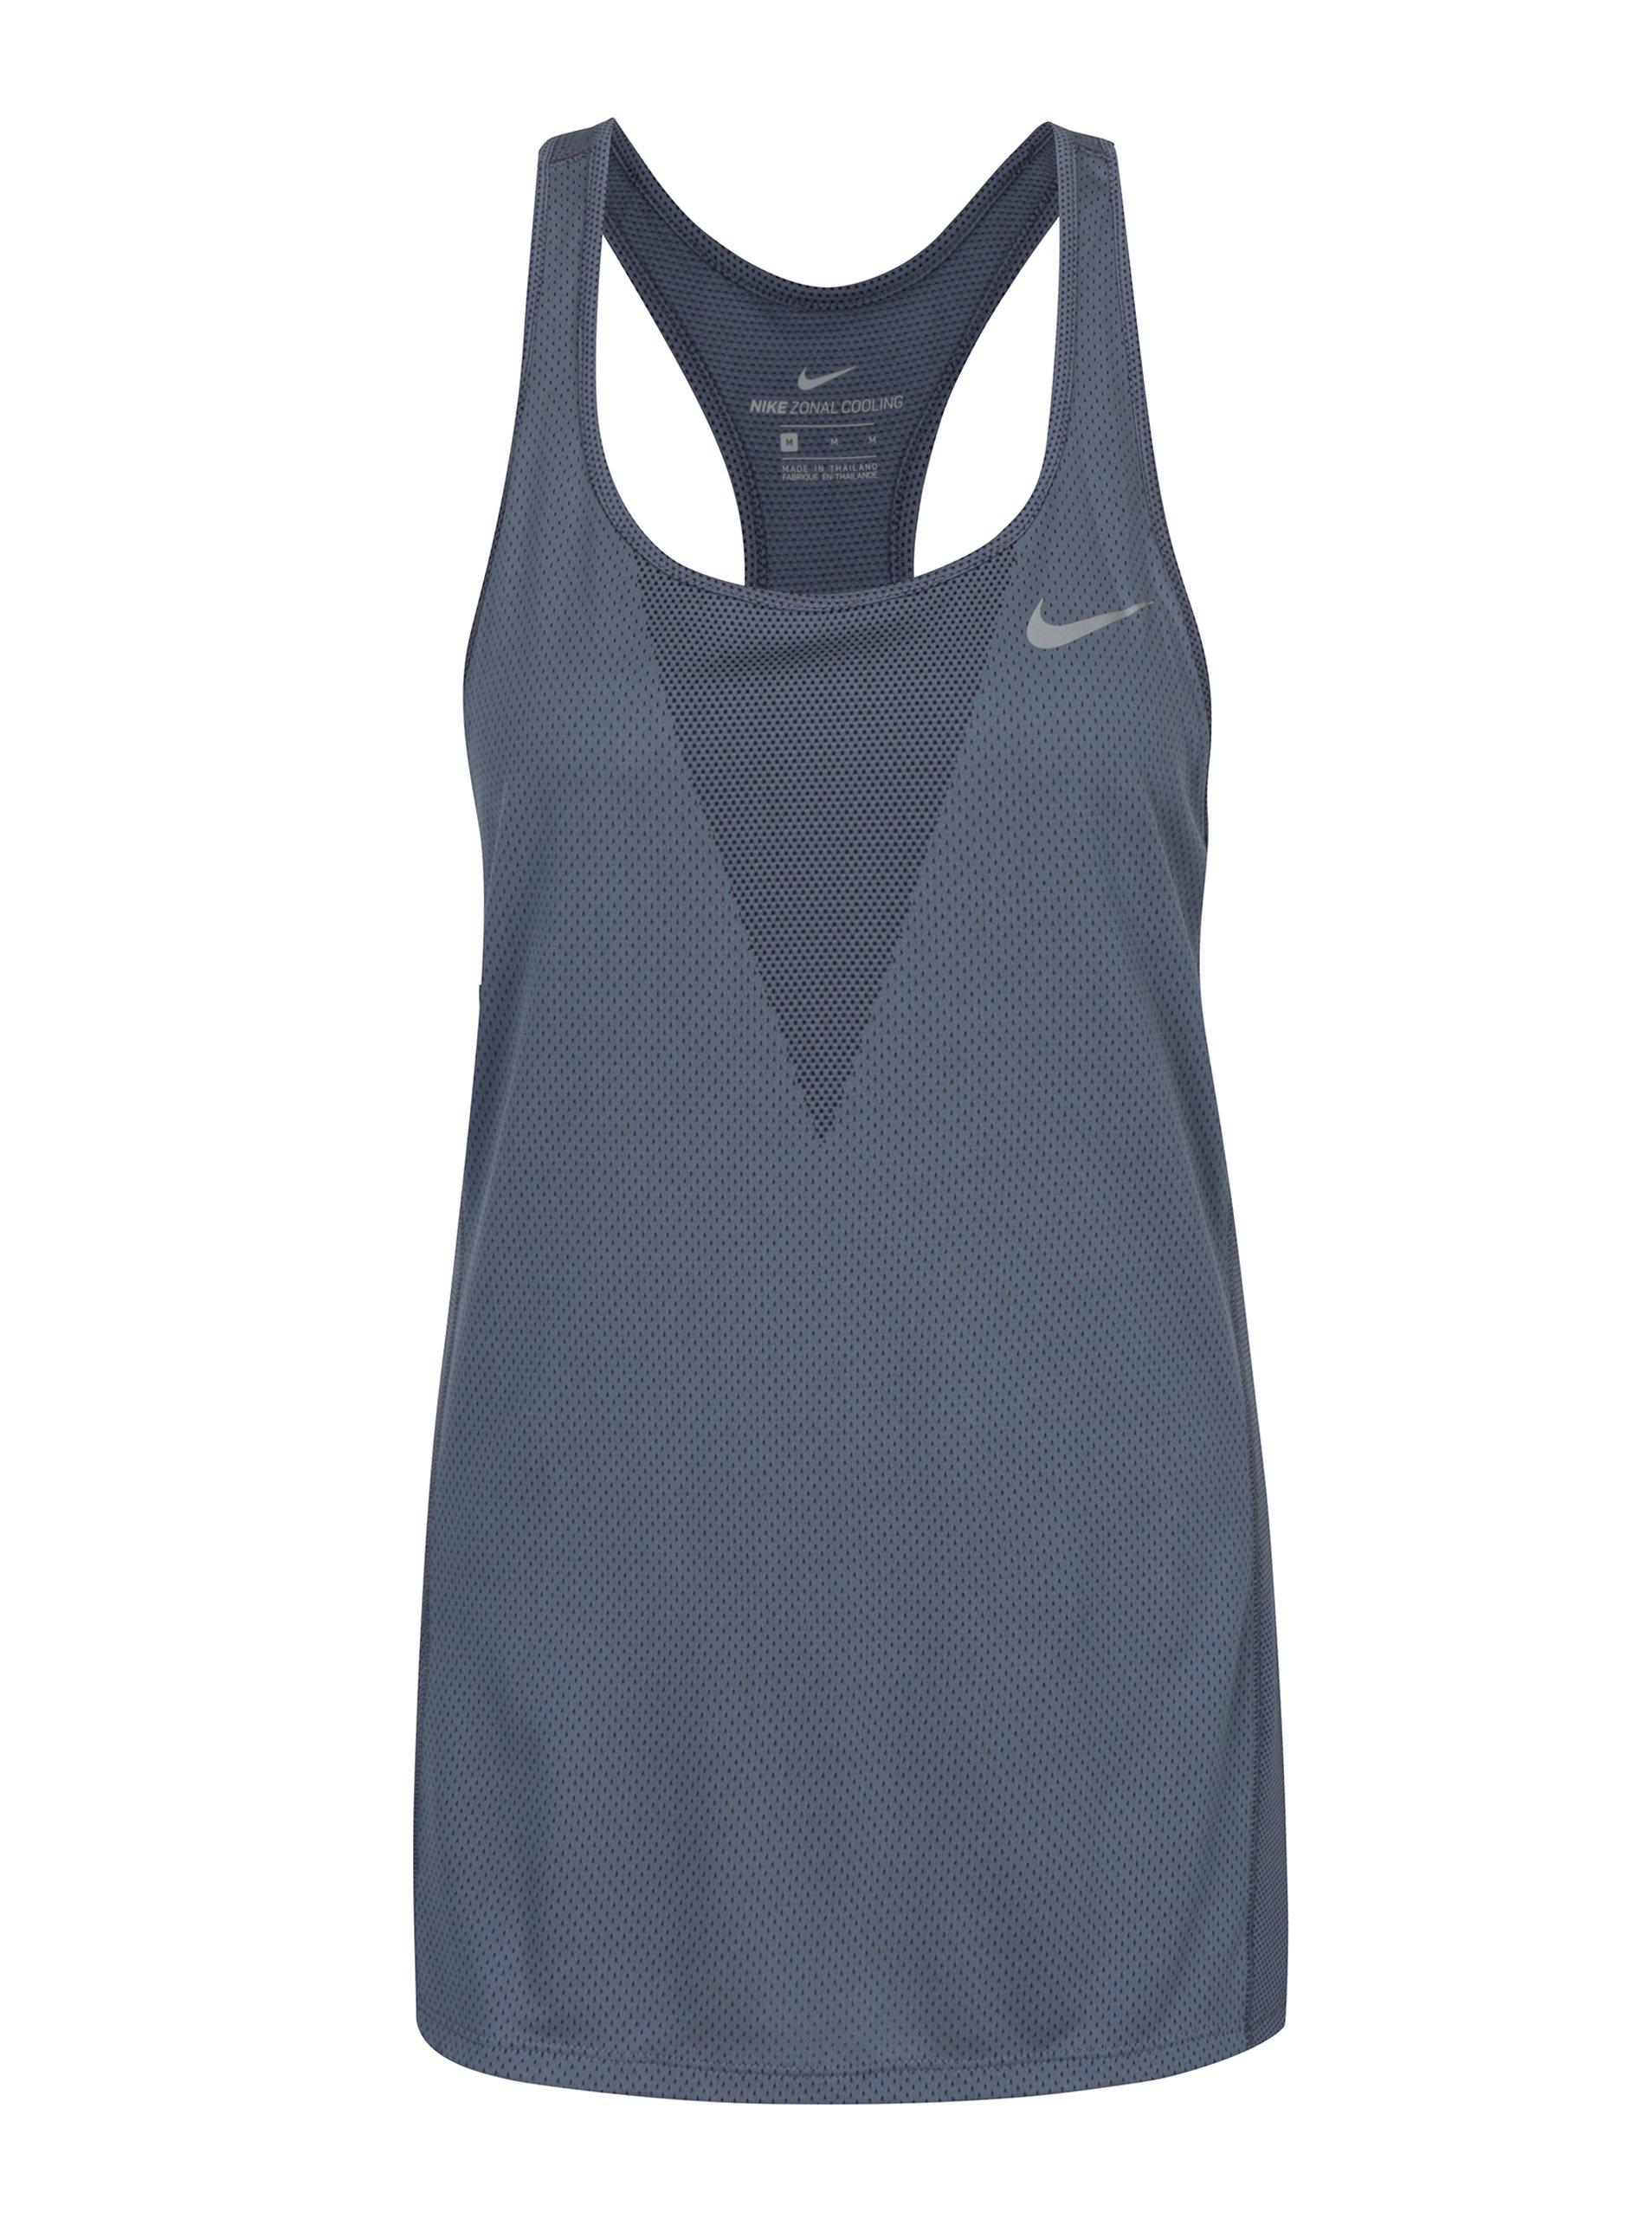 Modré dámské funkční tílko Nike